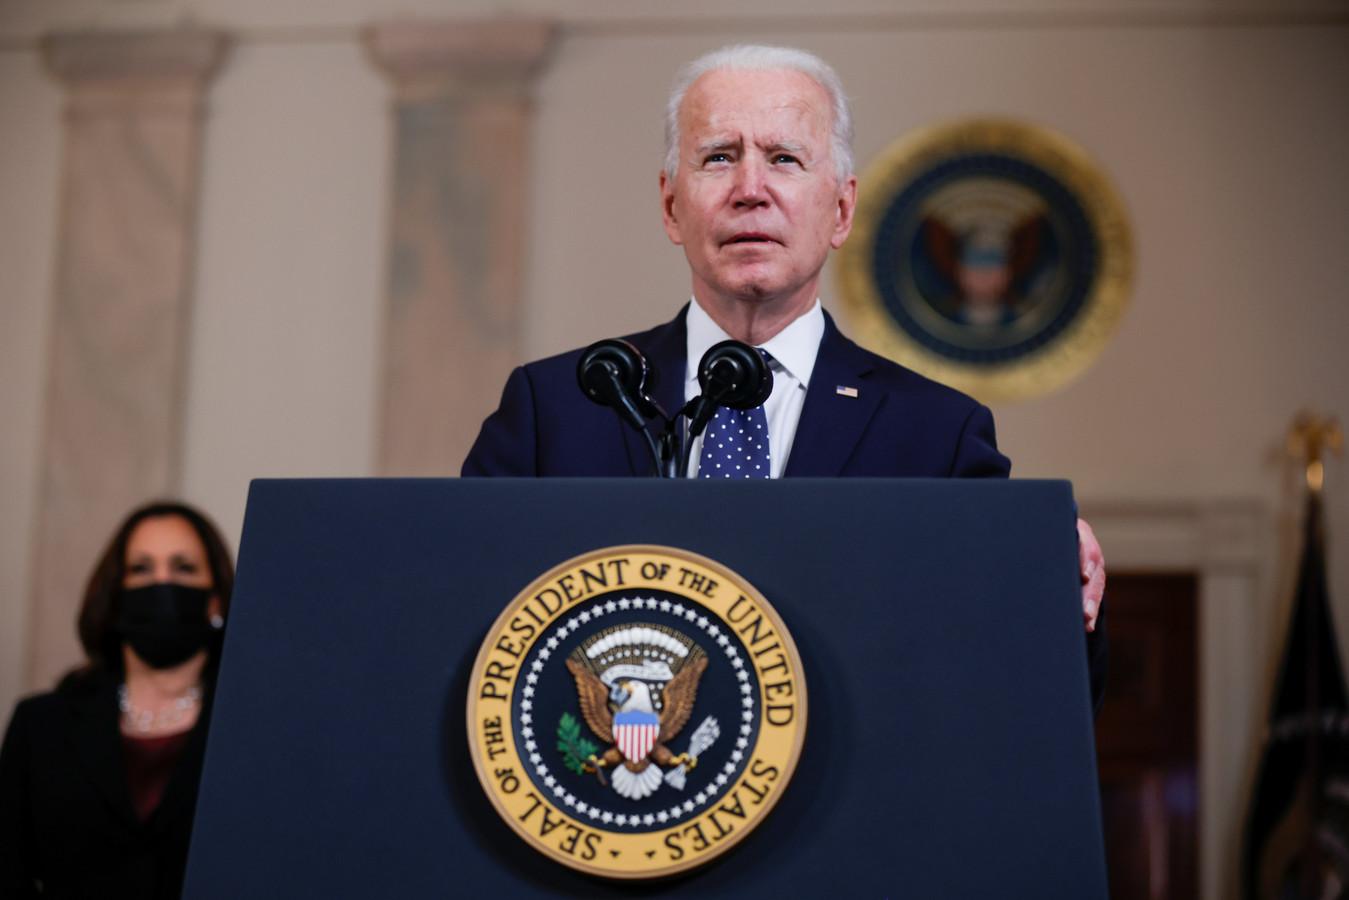 De Amerikaanse president Biden spreekt de natie toe na het vonnis in de zaak tegen ex-agent Derek Chauvin.